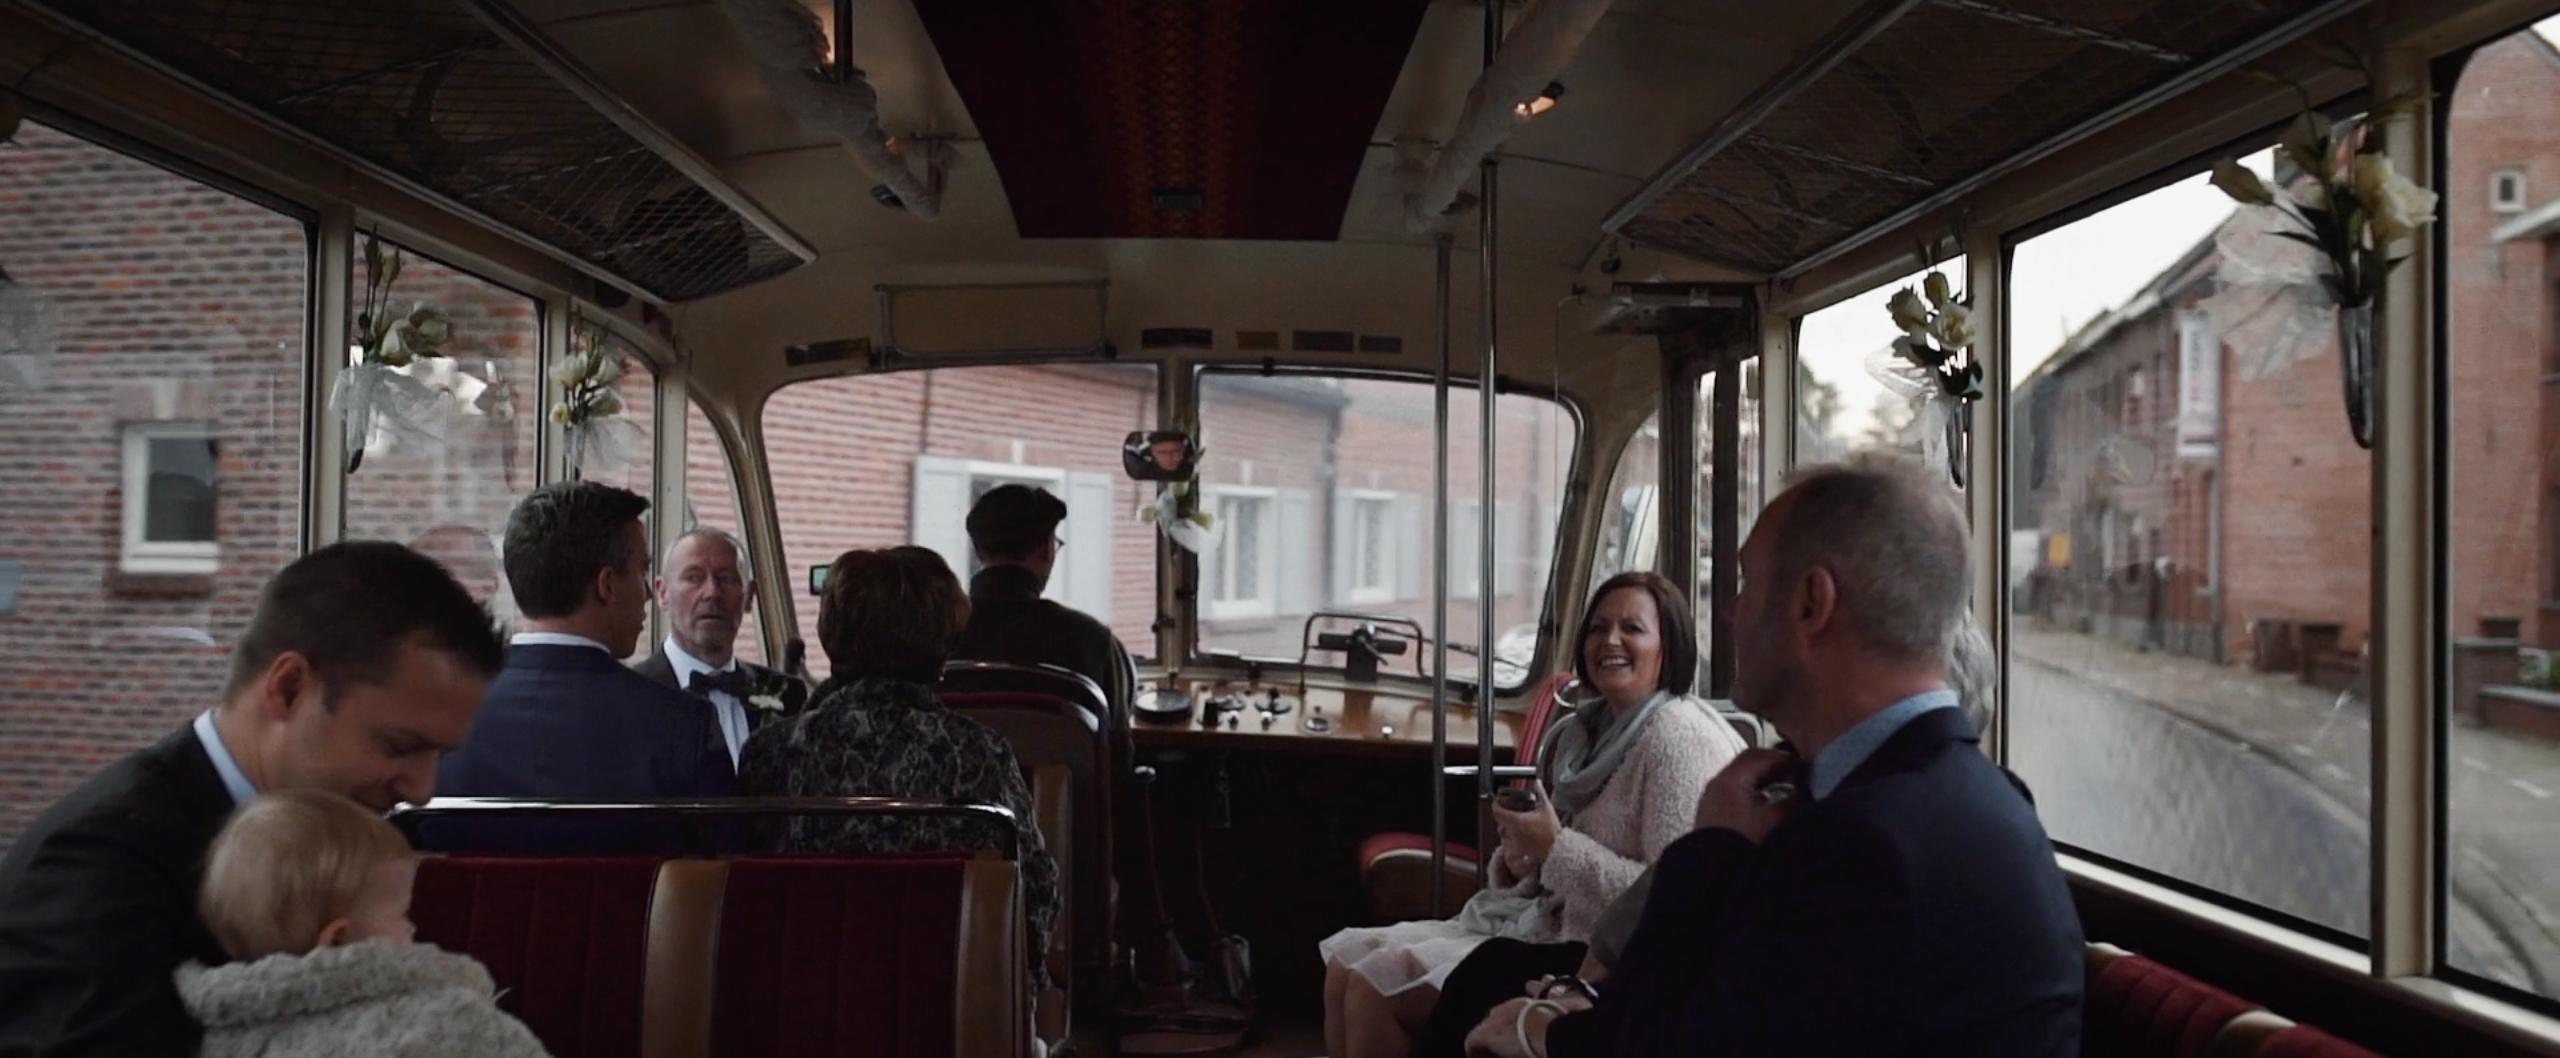 trouwfilm antwerpen zwitserse bus